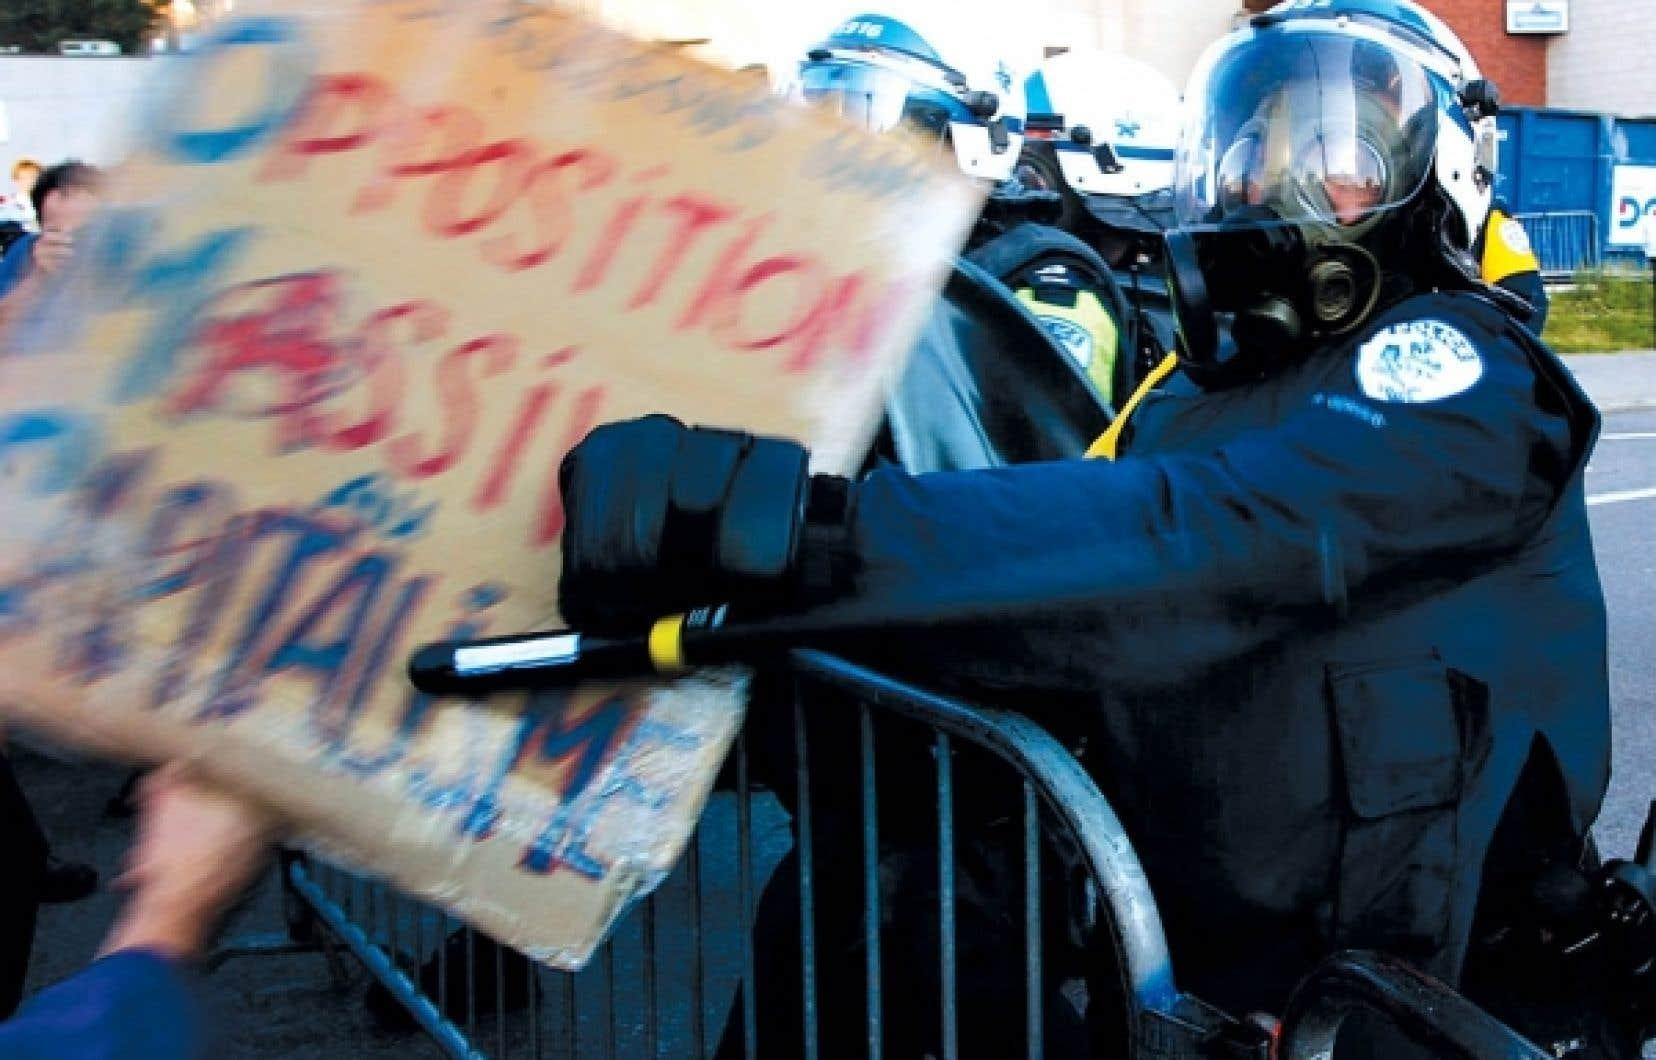 Le profilage politique, rarement consid&eacute;r&eacute; en Occident, a &eacute;t&eacute; discut&eacute; en tant qu&rsquo;attitude discriminatoire des policiers, en fonction de certaines identit&eacute;s politiques, r&eacute;elles ou per&ccedil;ues. Par ailleurs, le Service de police de la Ville de Montr&eacute;al (SPVM) a &eacute;t&eacute; &eacute;pingl&eacute; pour ce type de discrimination par le Comit&eacute; des droits de l&rsquo;homme de l&rsquo;ONU en 2005 pour sa pratique des arrestations de masse lors de manifestations associ&eacute;es &agrave; l&rsquo;extr&ecirc;me gauche. <br />